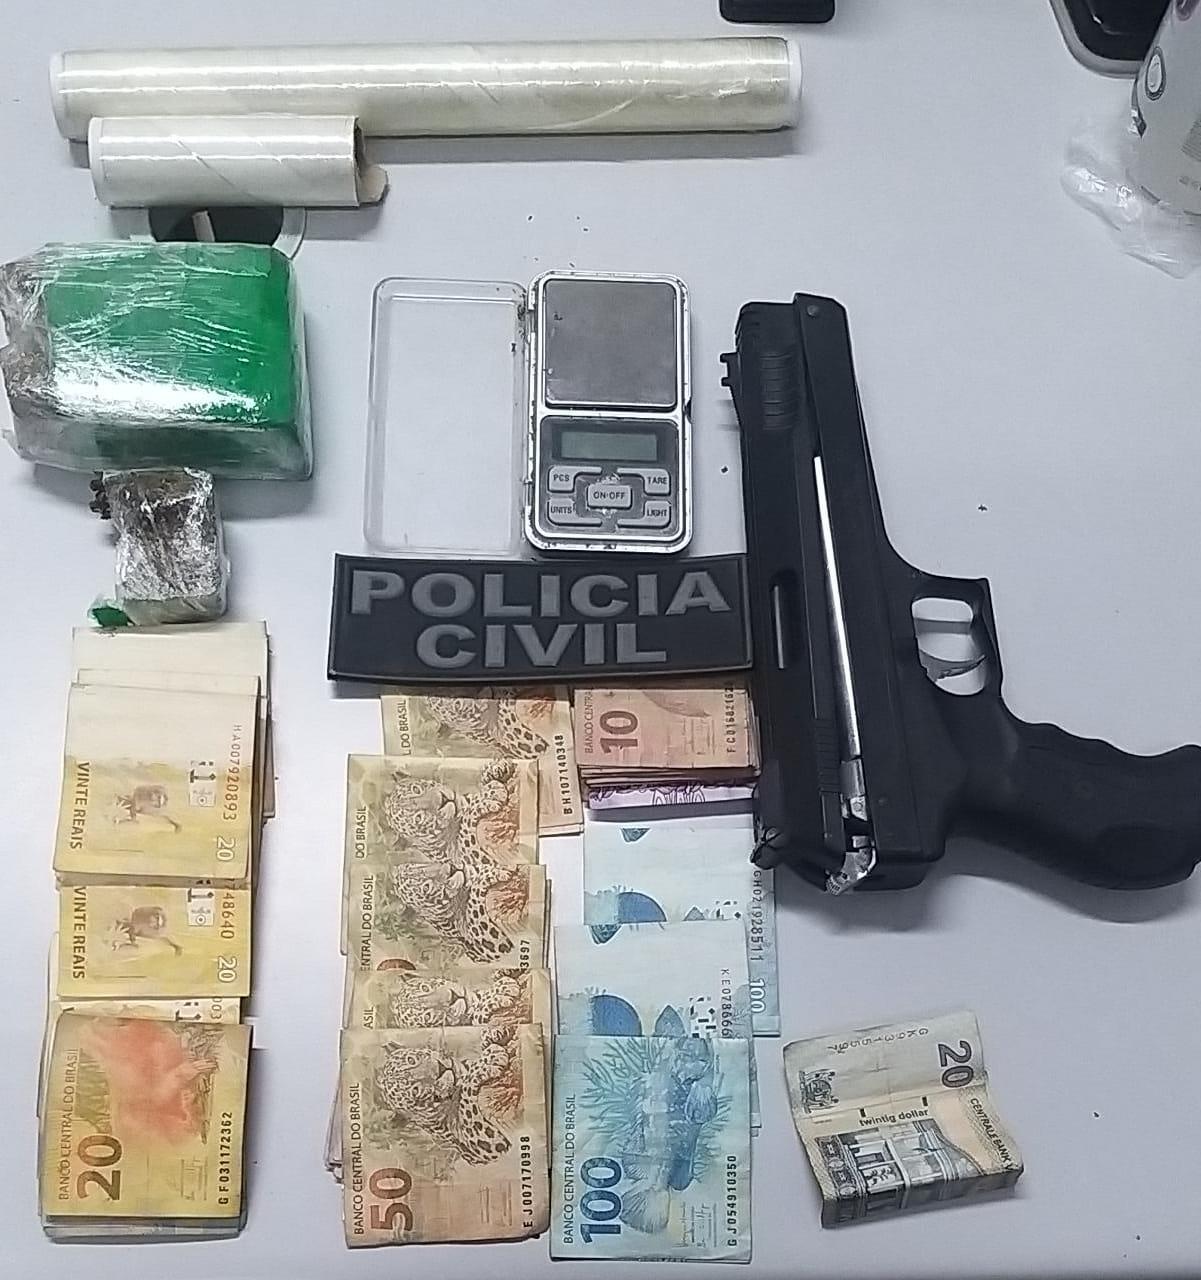 OPERAÇÃO DA POLÍCIA CIVIL DE COMBATE AO TRÁFICO DE DROGAS RESULTA EM TRÊS PESSOAS PRESAS EM CHAPADINHA